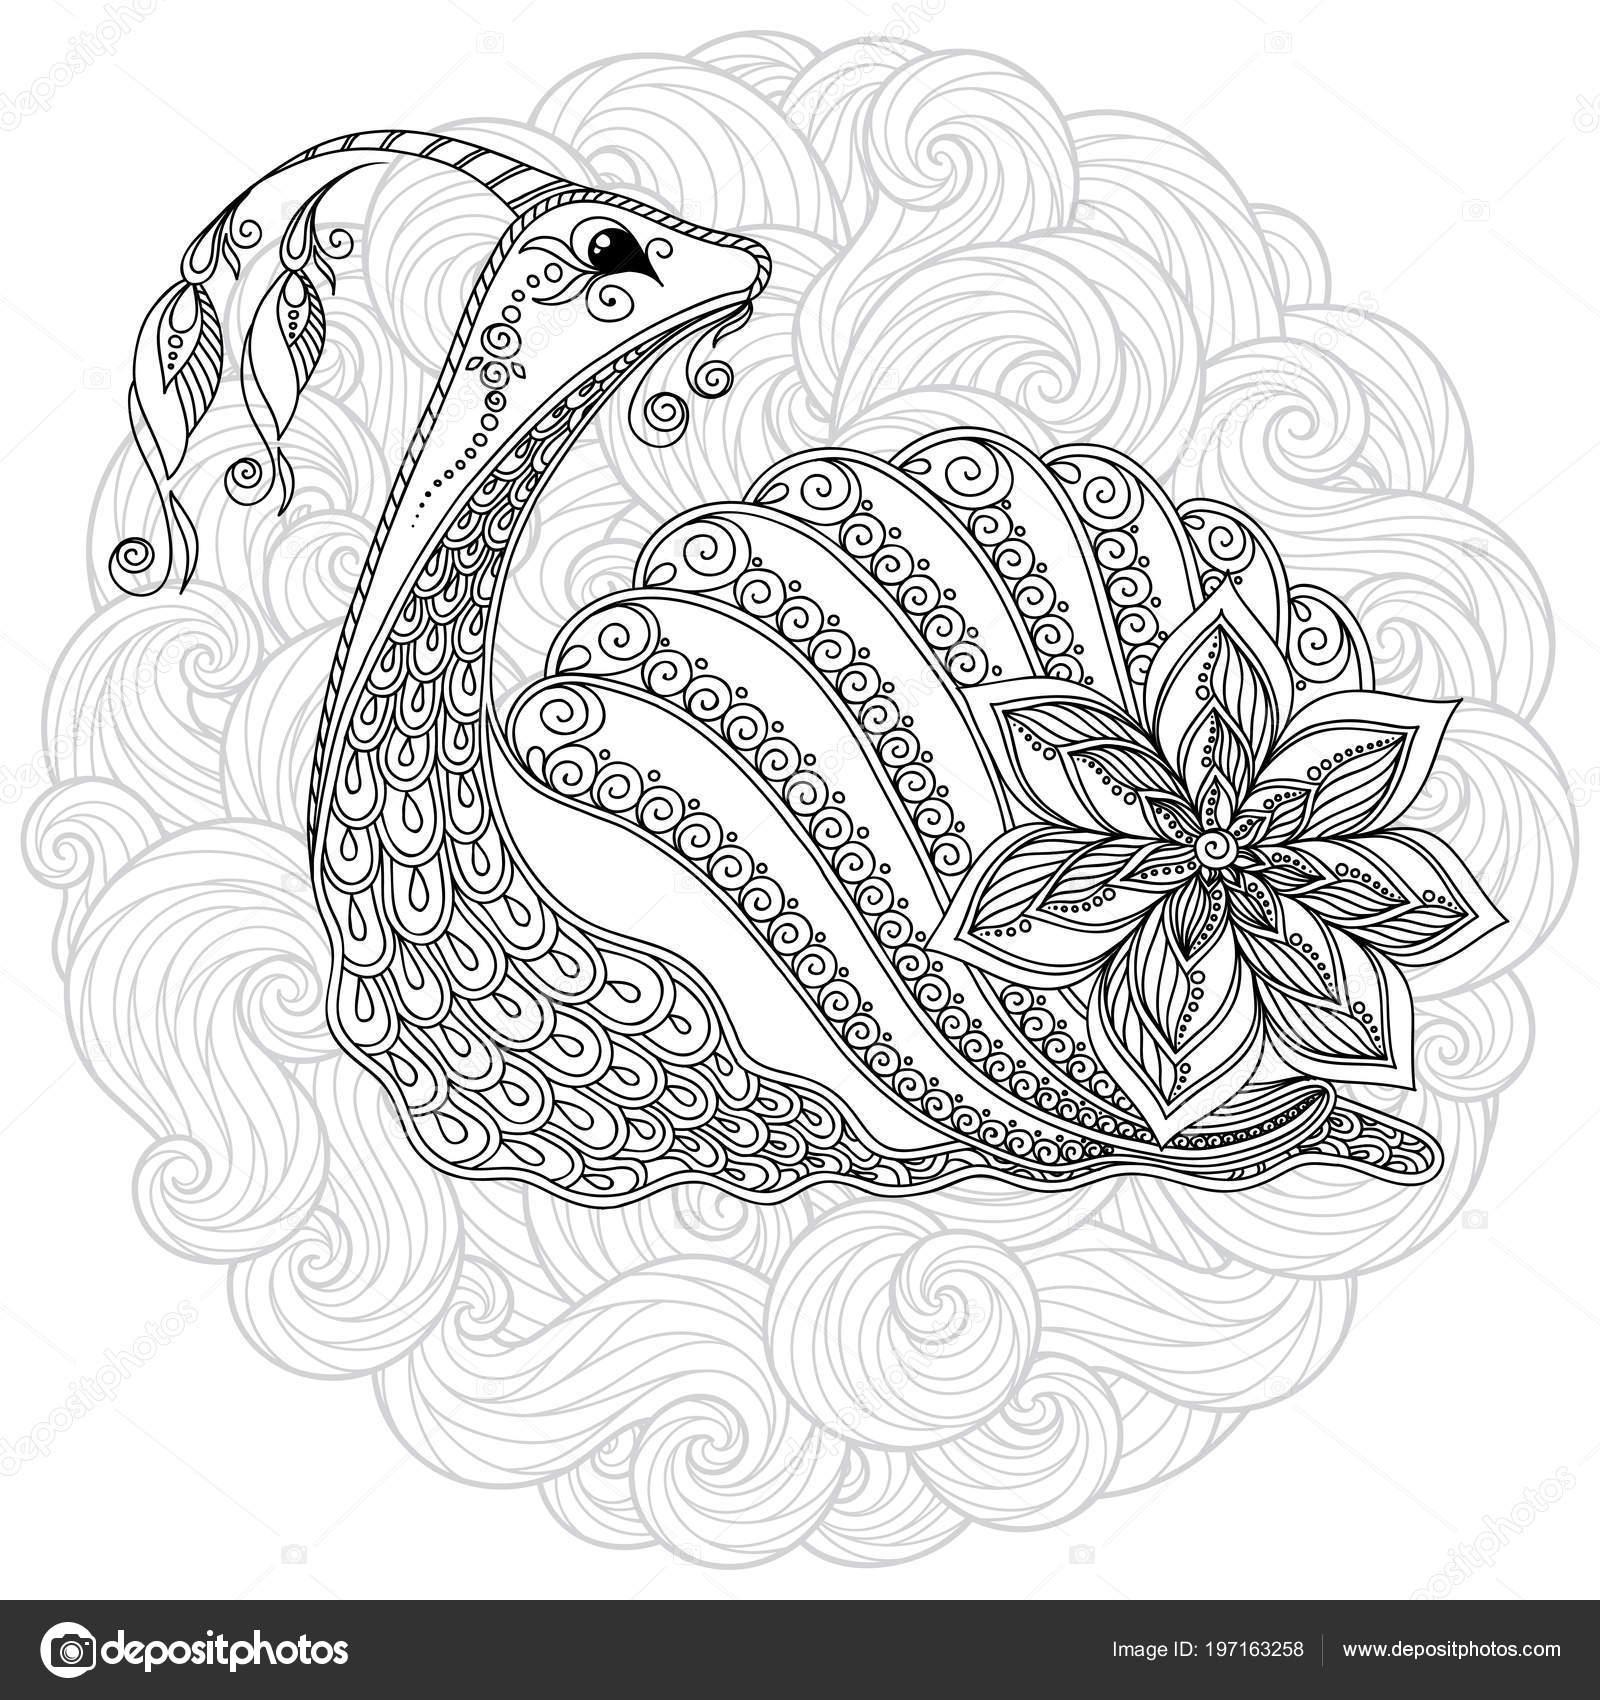 Kleurplaten Voor Volwassenen Tattoo.Slak Boek Kleurplaten Voor Volwassenen Vector Illustratie Antistress